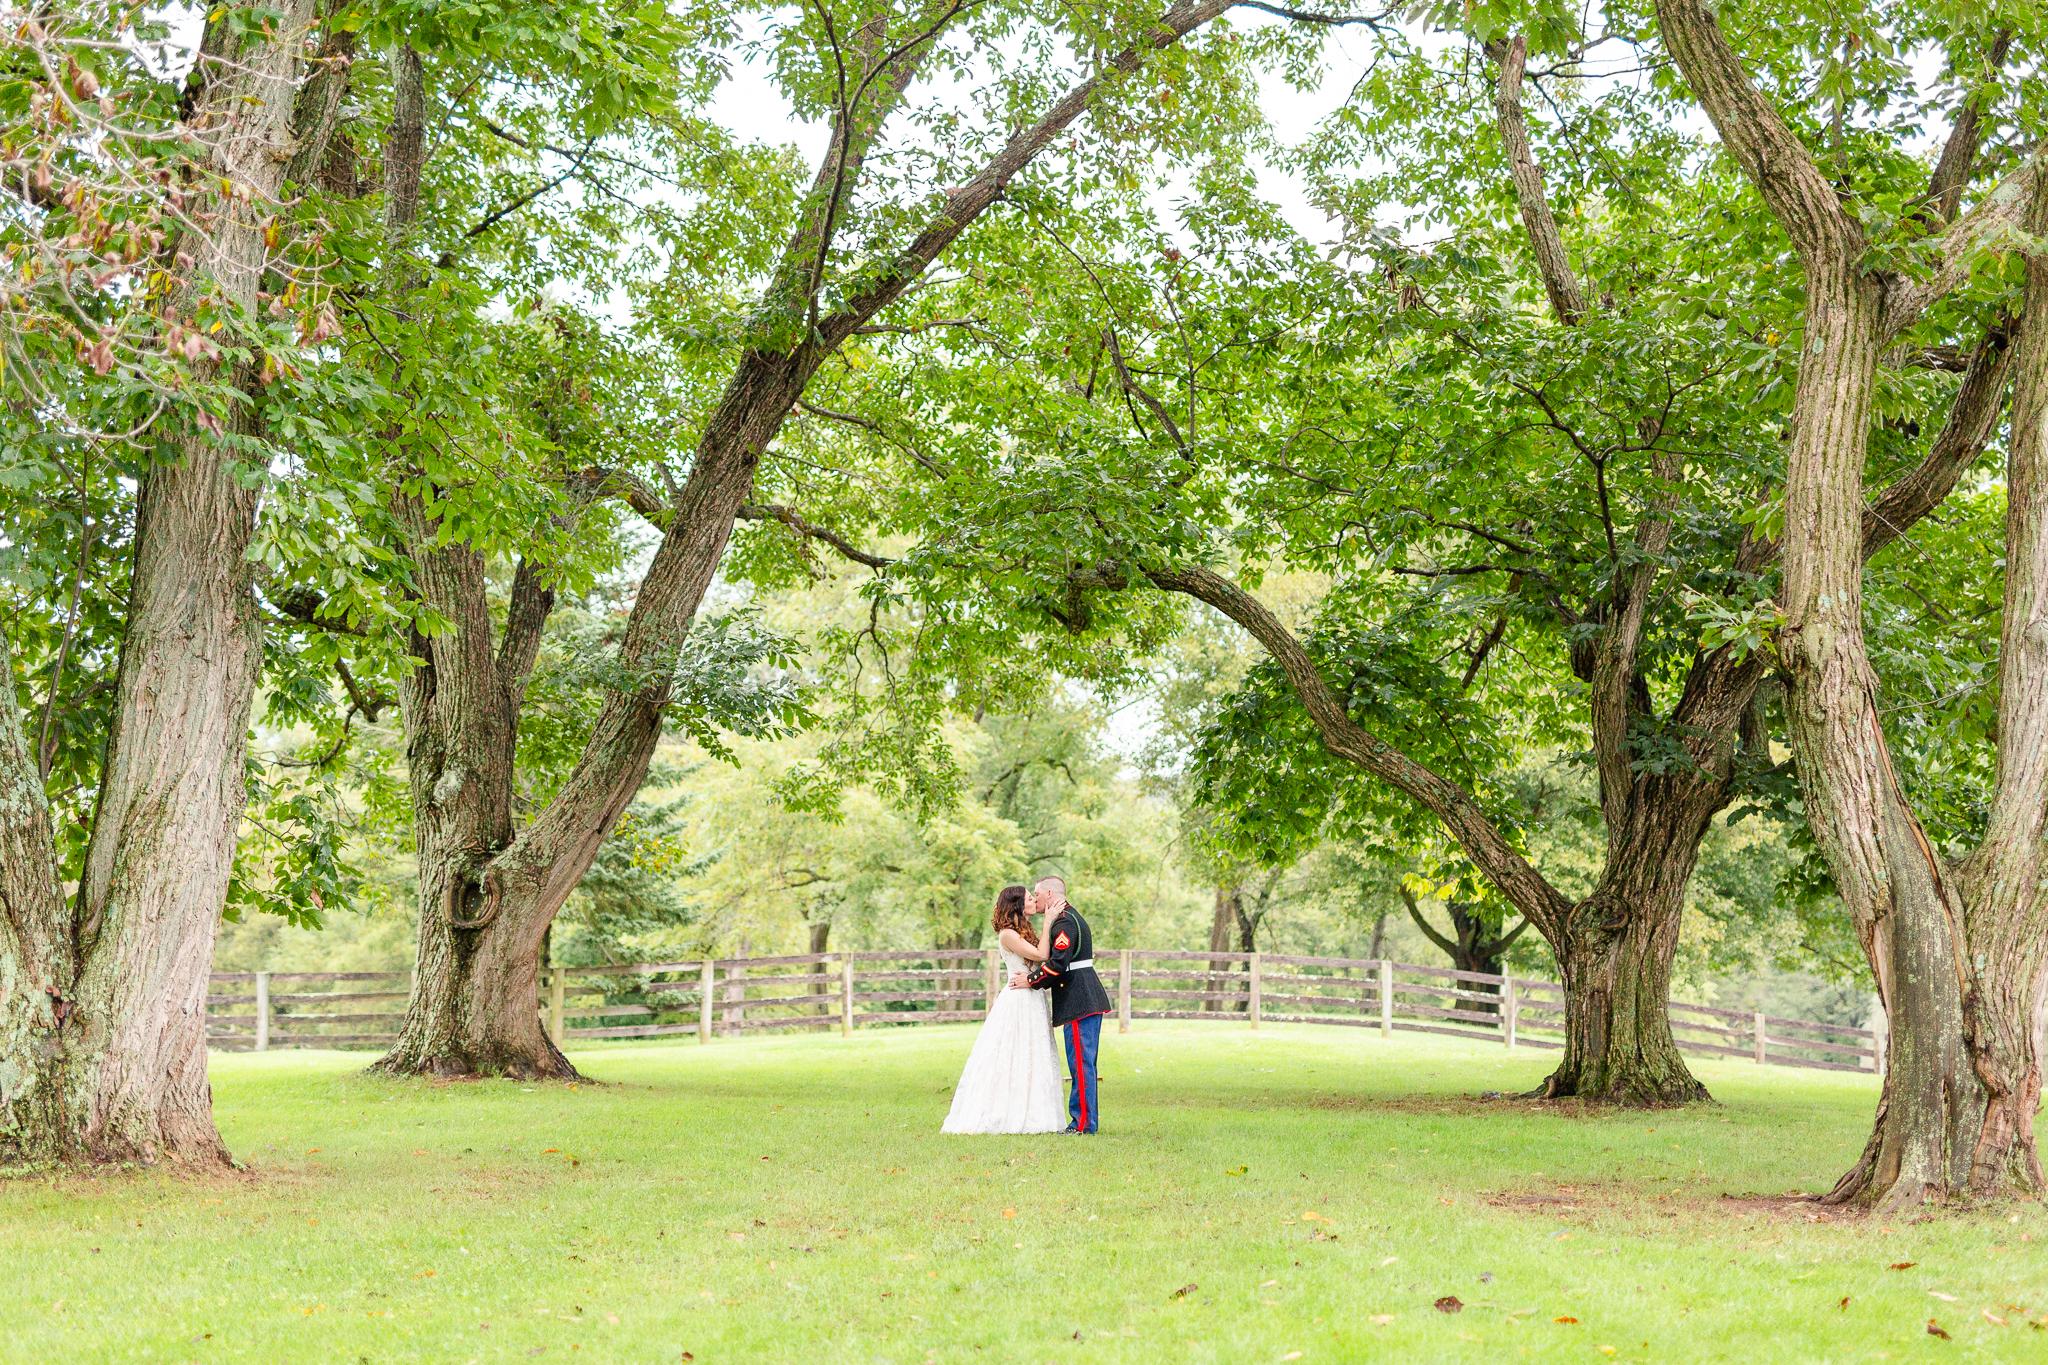 Montagu-meadows-wedding-photos-310.jpg